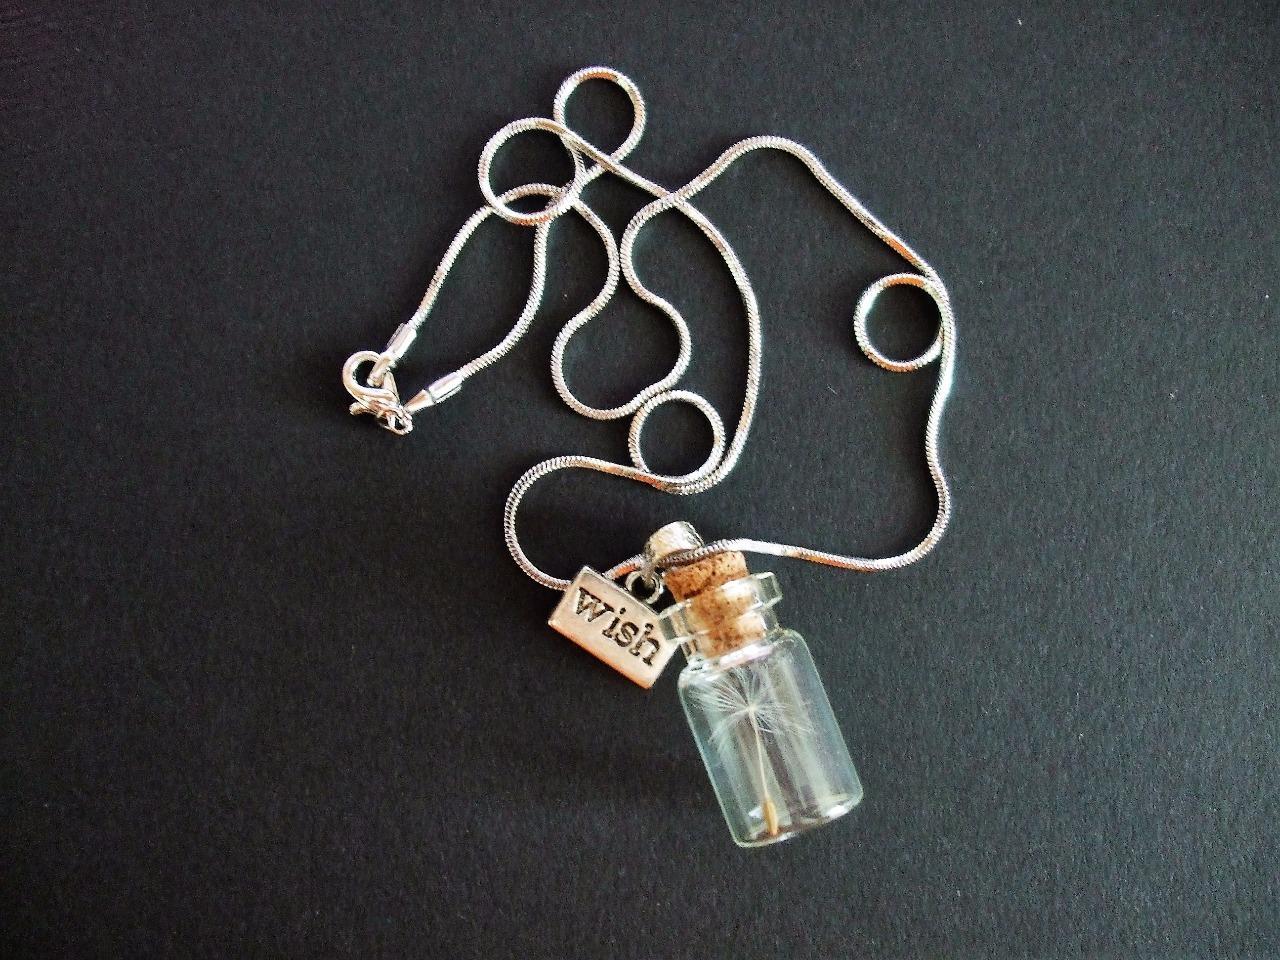 Darované přání - přívěšek s pampeliškovým chmýřím  - Obrázek č. 1